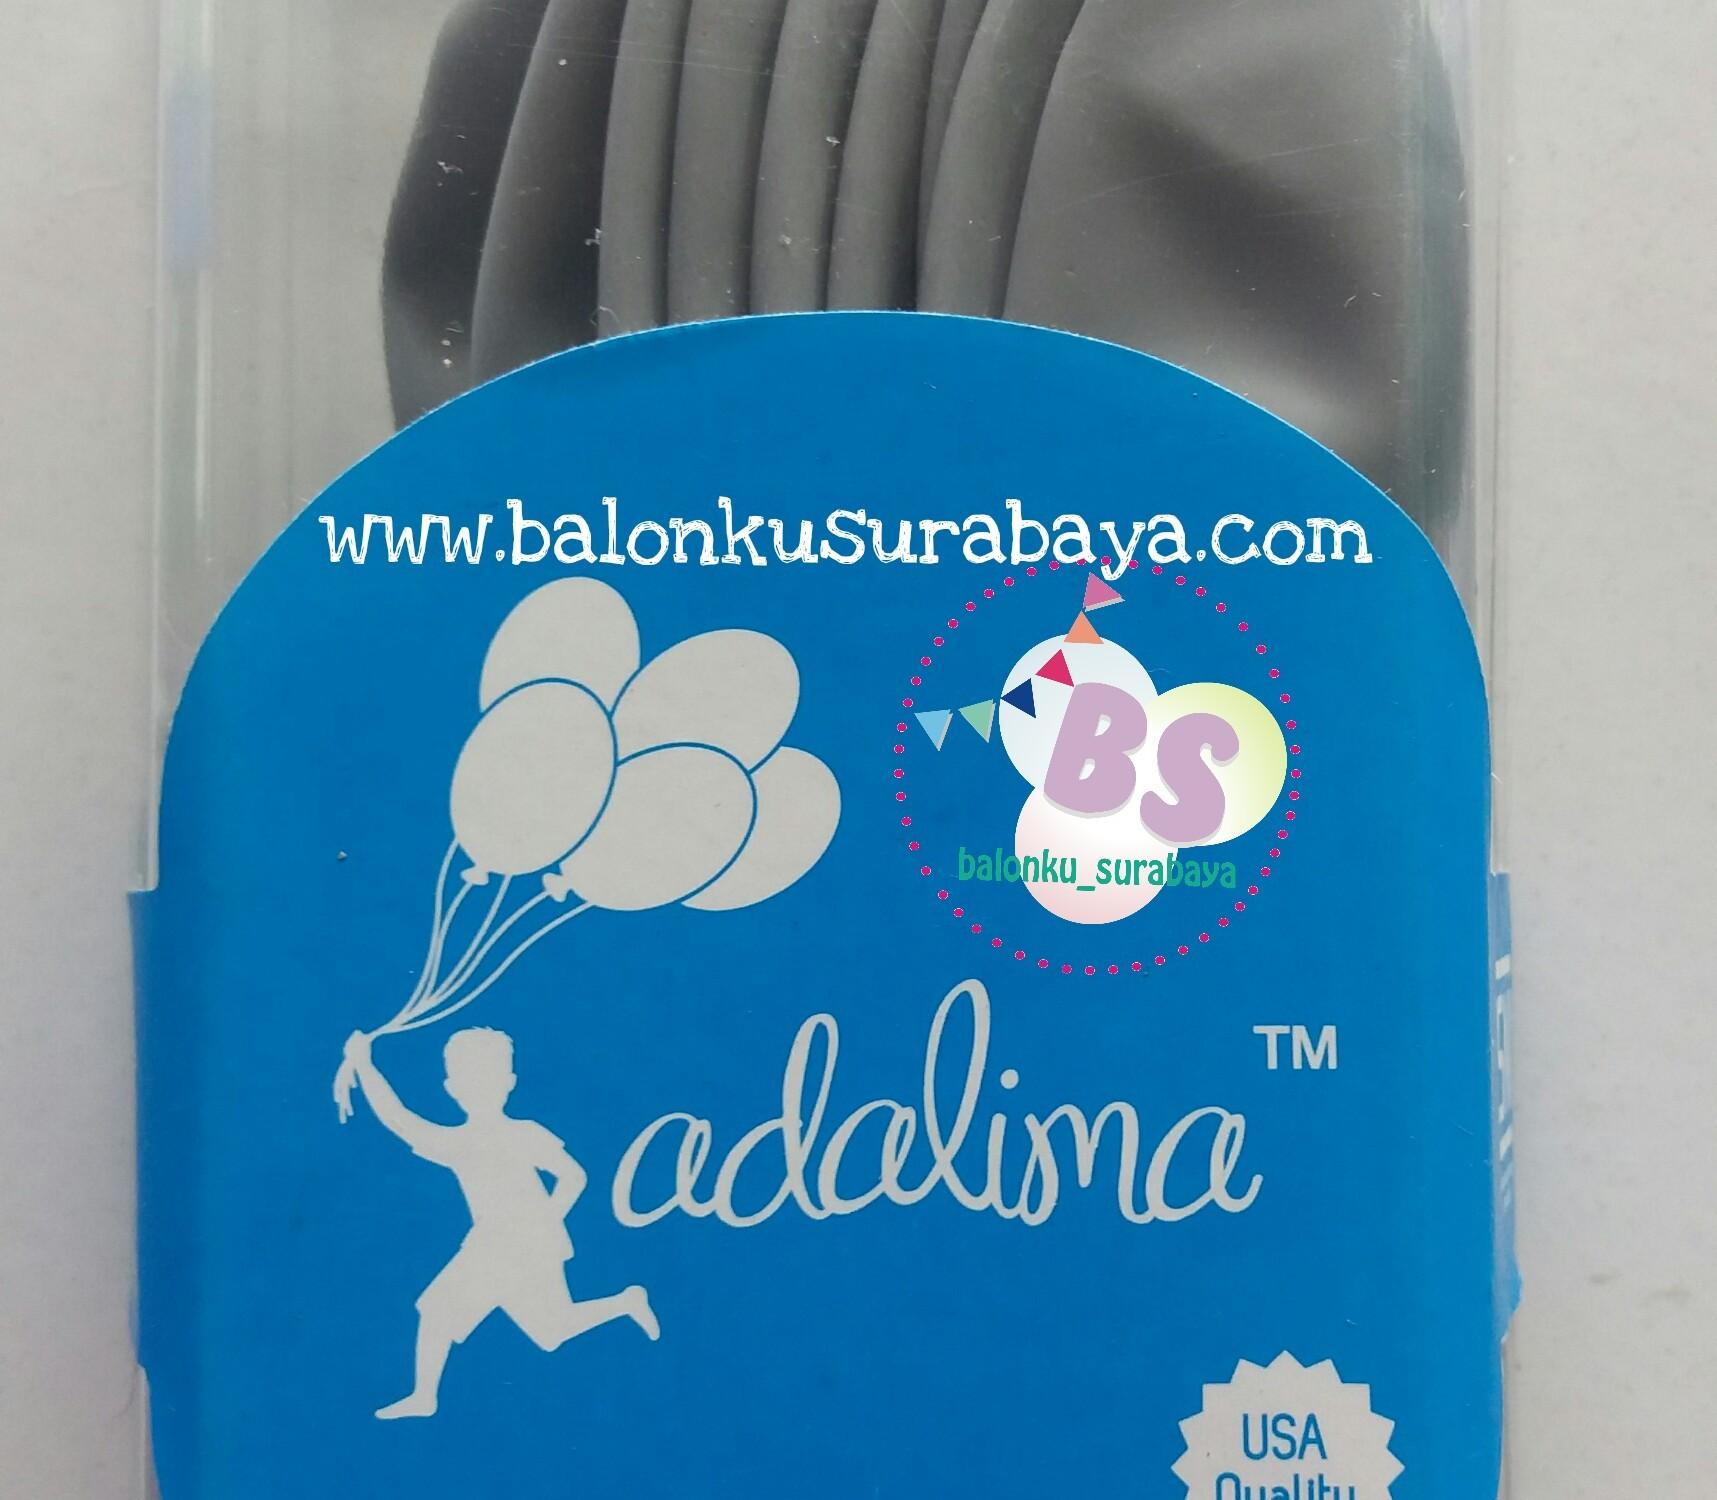 balon abu-abu. balon silver, balon latex adalima, balon adalima, balon doff, balon metalik